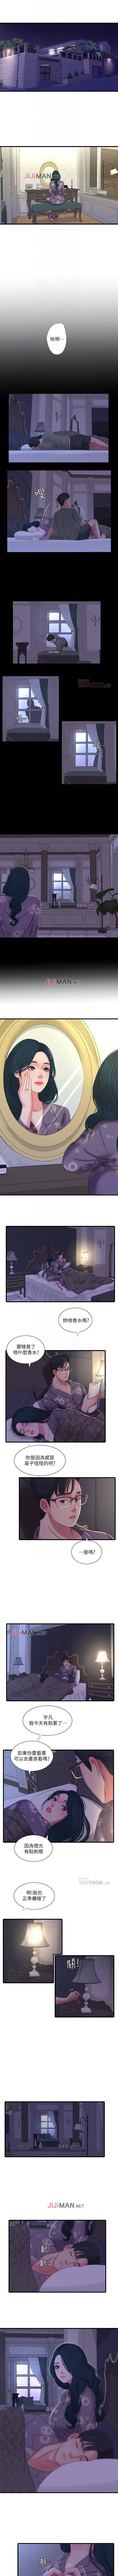 【周四连载】亲家四姐妹(作者:愛摸) 第1~37话 160